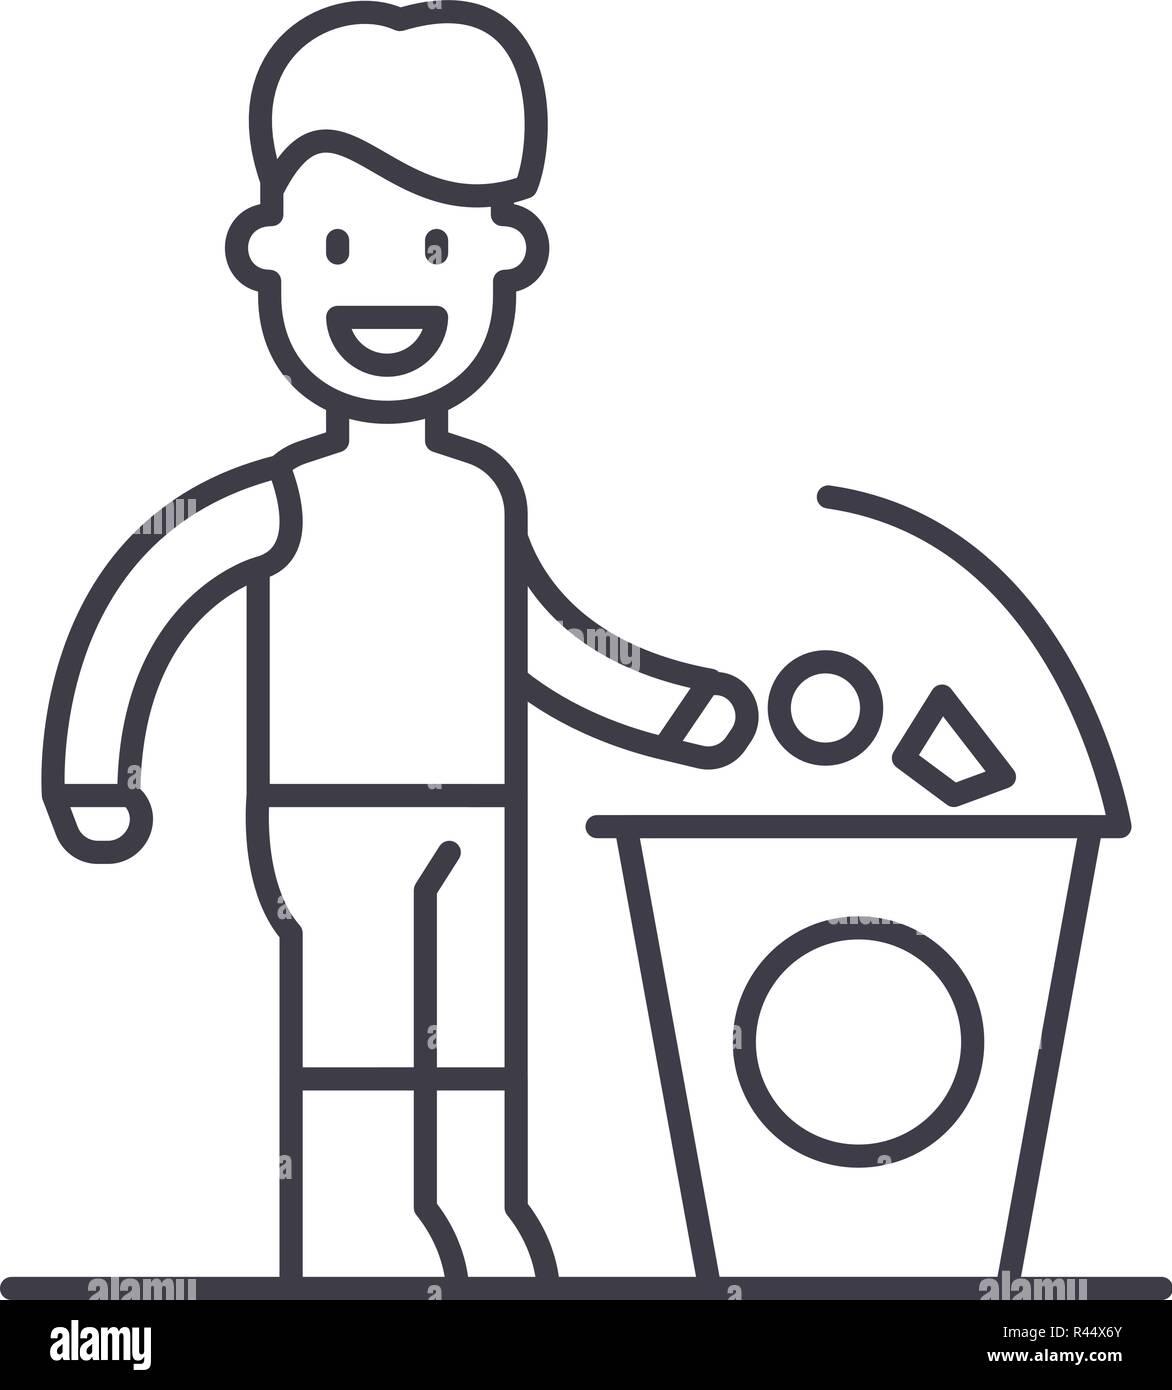 422c106056df Icono de línea de separación de la basura concepto. Separar la basura  vector Ilustración lineal